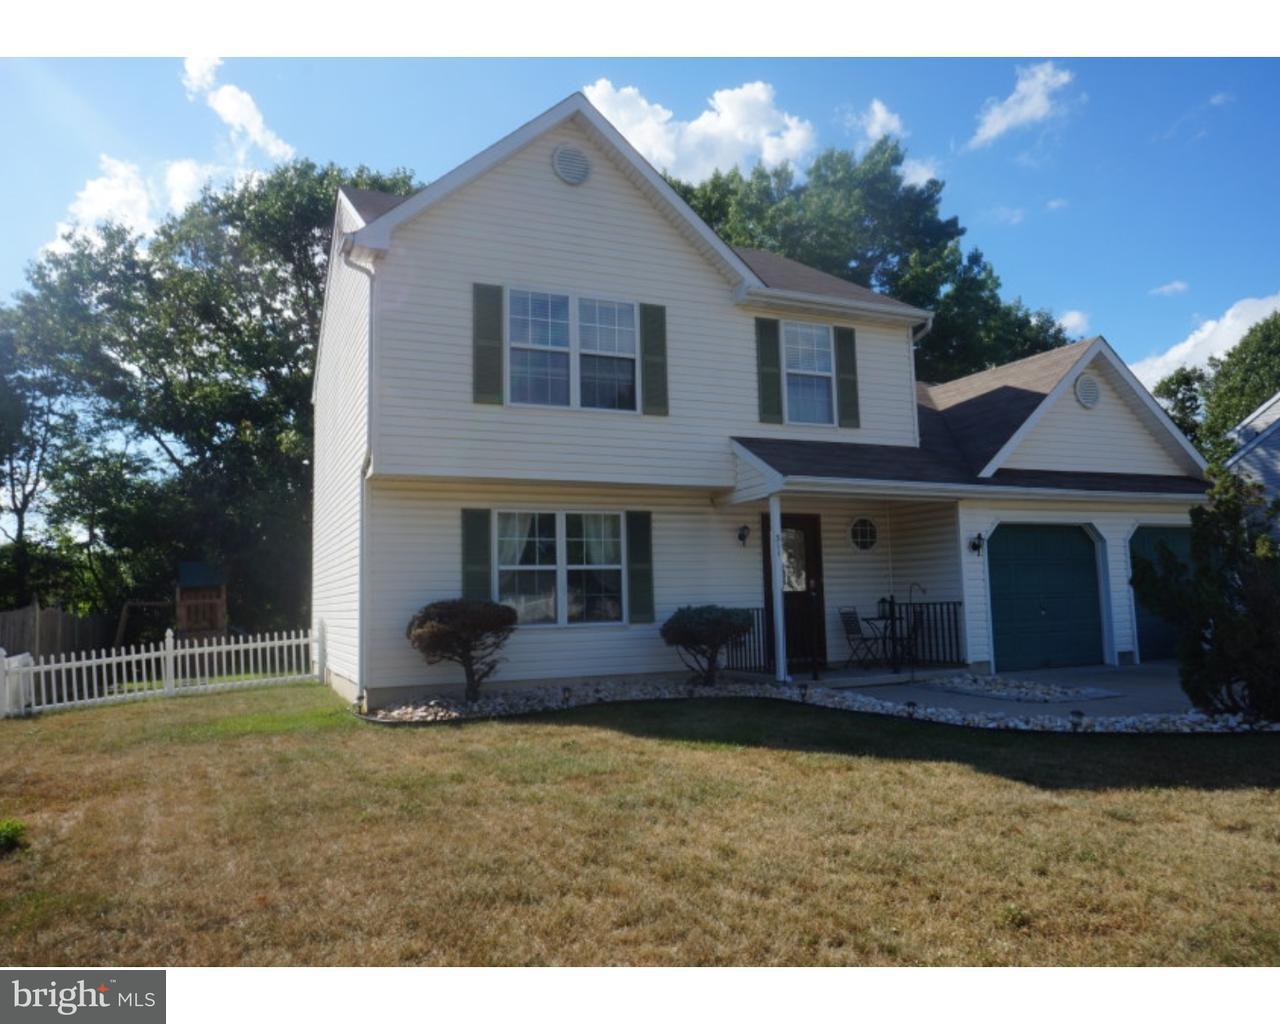 独户住宅 为 销售 在 311 BRYN MAWR Drive Williamstown, 新泽西州 08094 美国在/周边: Monroe Township